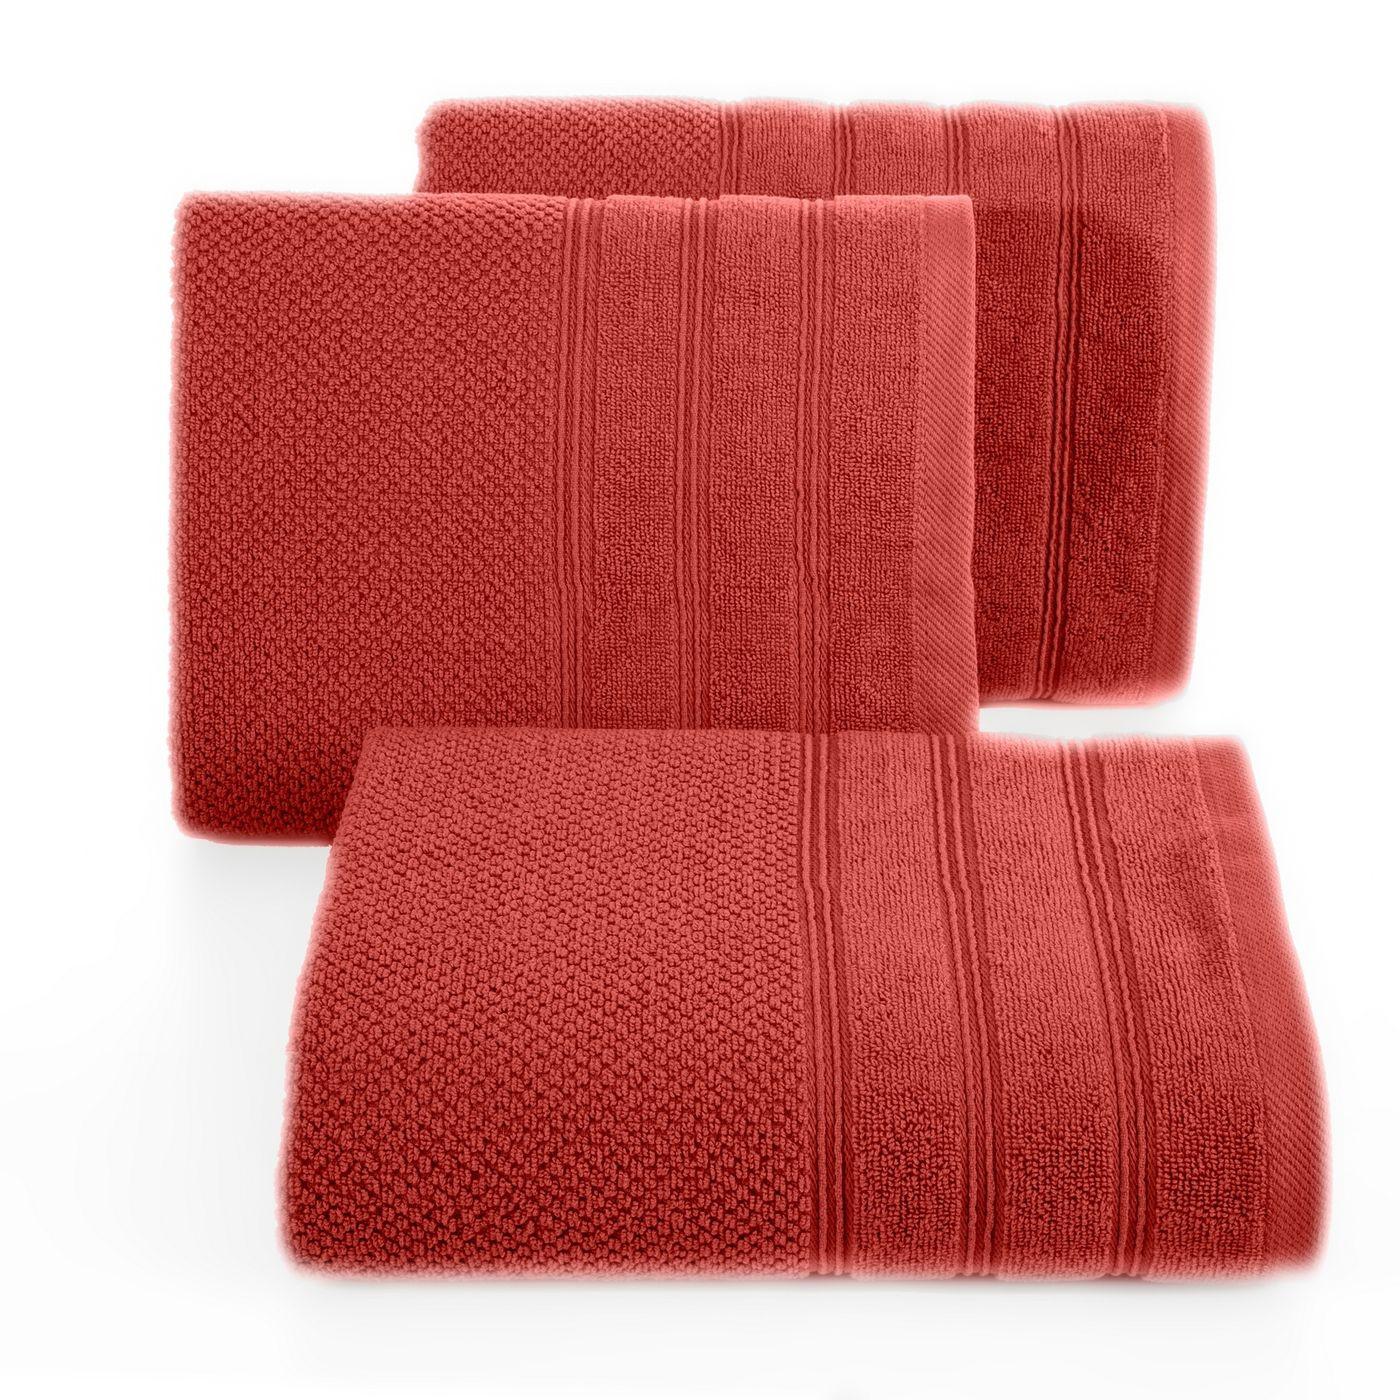 Bawełniany ręcznik kąpielowy frote ceglasty 70x140